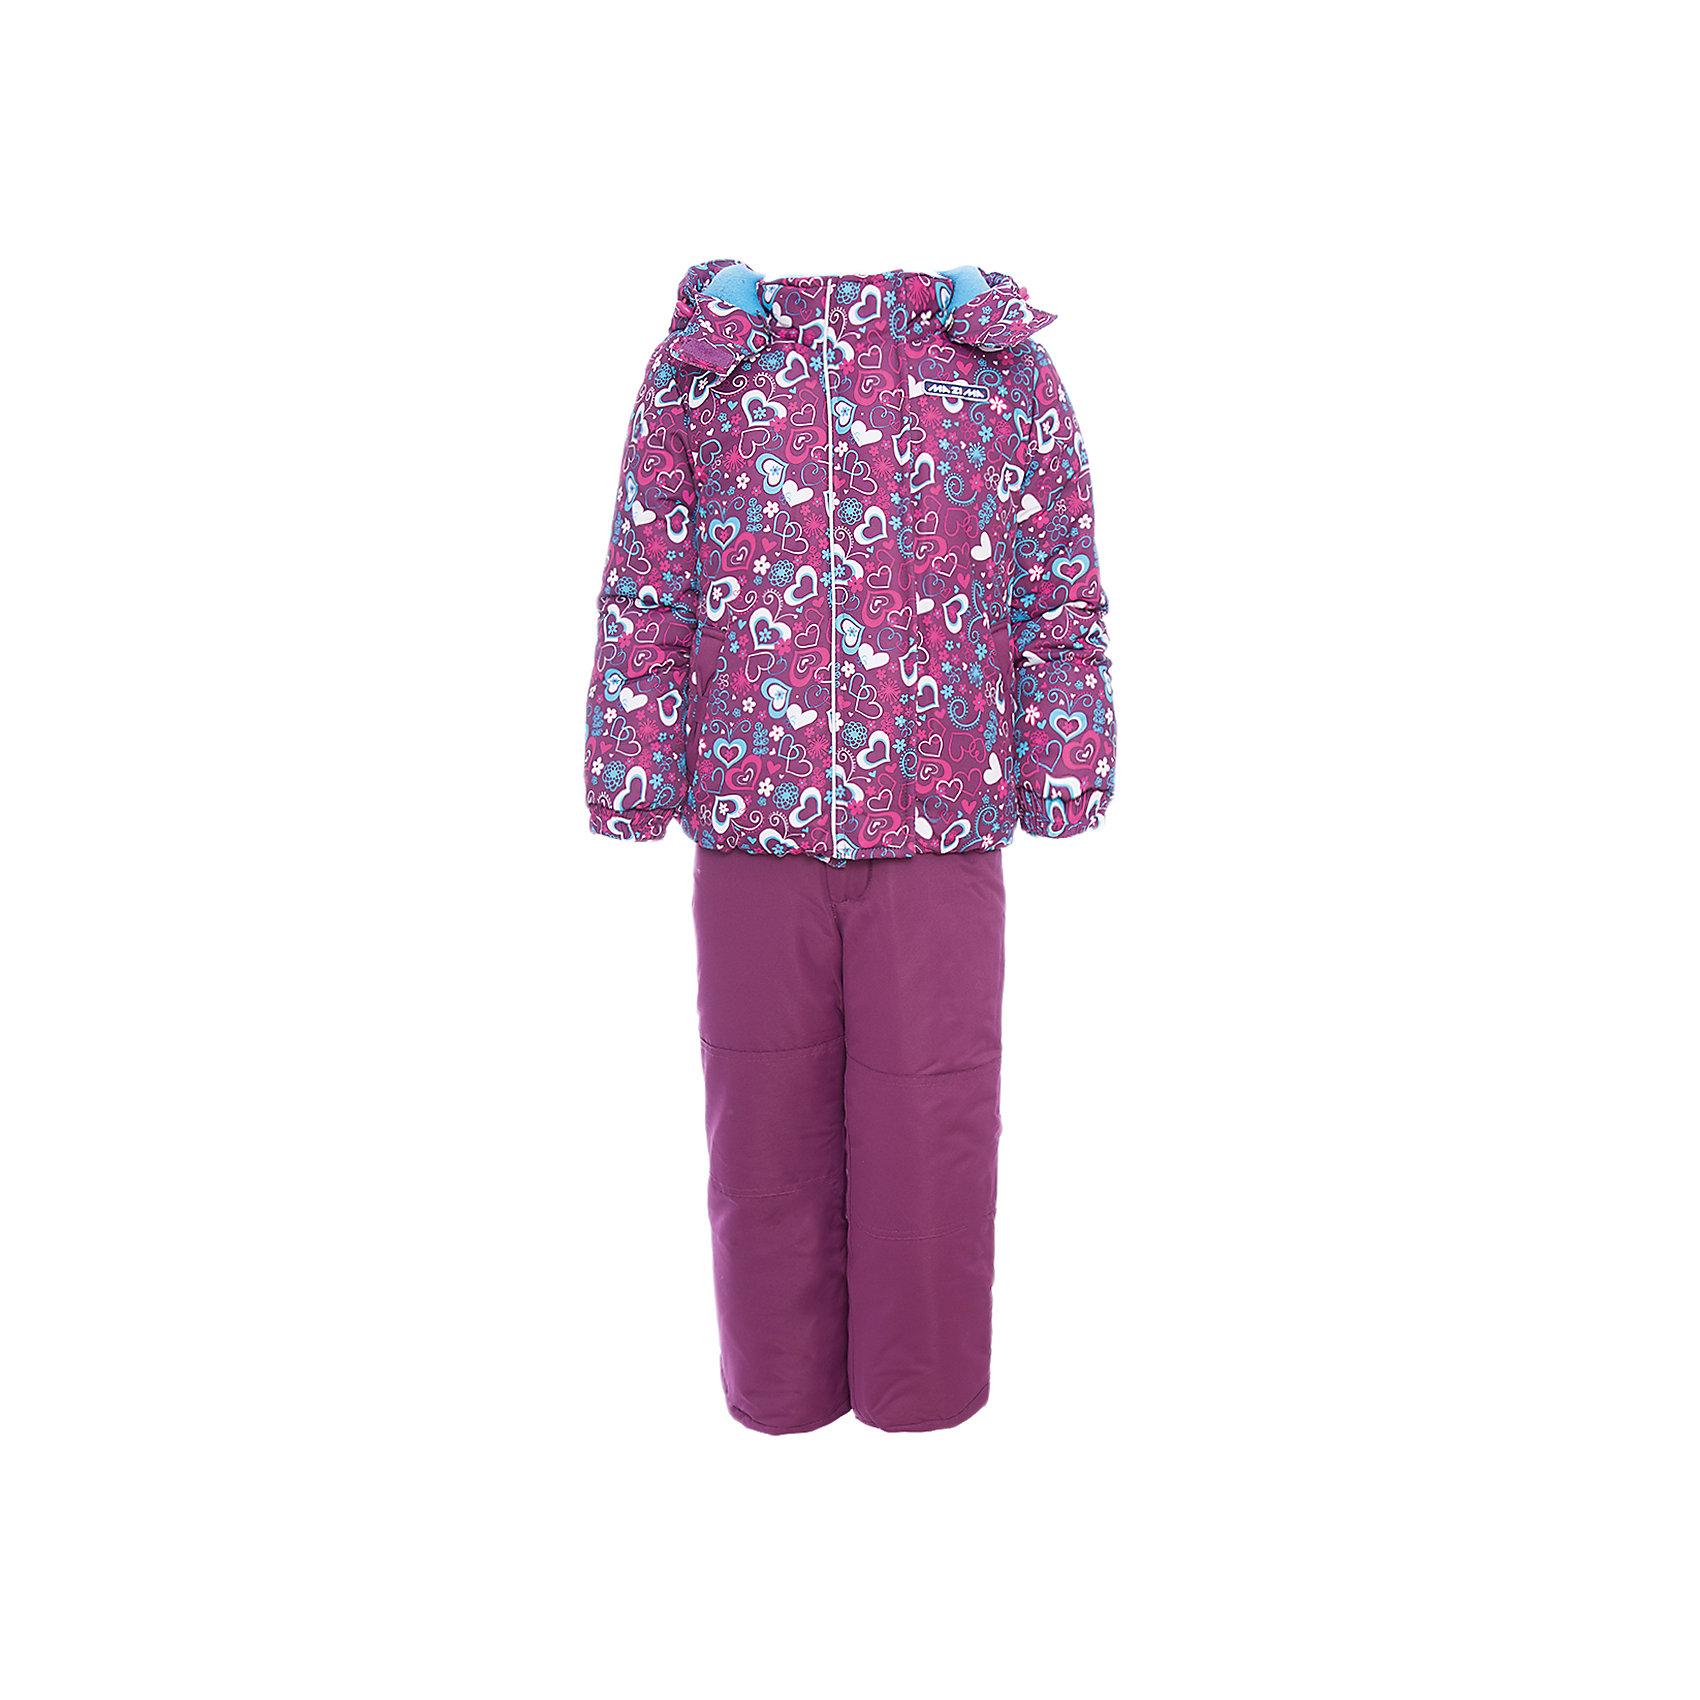 Комплект: куртка и брюки Ma-Zi-Ma для девочкиВерхняя одежда<br>Характеристики товара:<br><br>• цвет: фиолетовый<br>• комплектация: куртка и брюки<br>• состав ткани: Taslan с водонепроницаемой пропиткой<br>• подкладка: поларфлис <br>• утеплитель: полиэстер<br>• сезон: зима<br>• температурный режим: от -30 до +5<br>• водонепроницаемость: 1000 мм <br>• паропроницаемость: 1000 г/м2<br>• плотность утеплителя: куртка - 280 г/м2, брюки - 200 г/м2<br>• капюшон: съемный, без меха<br>• застежка: молния<br>• брюки усилены износостойкими вставками<br>• страна бренда: Россия<br>• страна изготовитель: Китай<br><br>Оригинальный зимний комплект для девочки дополнен множеством функциональных элементов. Верх детской зимней куртки и брюк не промокает и не продувается. Мягкая подкладка детского комплекта для зимы приятна на ощупь. Комплект для зимы усилен износостойкими накладками.<br><br>Комплект: куртка и брюки Ma-Zi-Ma (Ма-Зи-Ма) для девочки можно купить в нашем интернет-магазине.<br><br>Ширина мм: 356<br>Глубина мм: 10<br>Высота мм: 245<br>Вес г: 519<br>Цвет: лиловый<br>Возраст от месяцев: 36<br>Возраст до месяцев: 48<br>Пол: Женский<br>Возраст: Детский<br>Размер: 104,110,116,122,128,134,140,146,152,92,98<br>SKU: 7144307